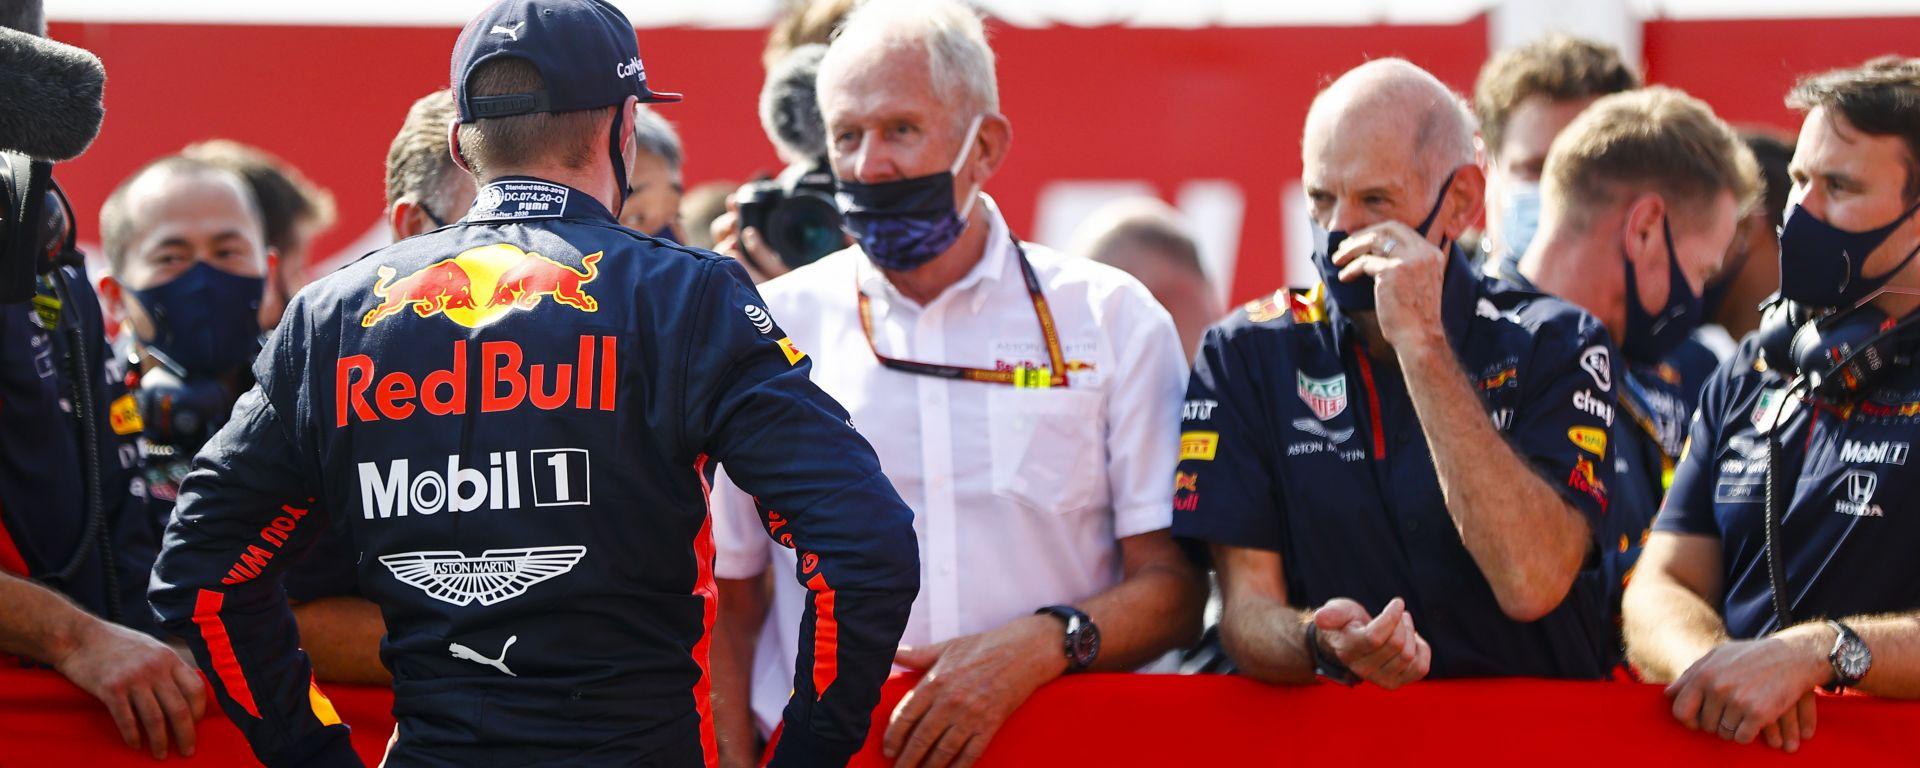 GP 70° Anniversario F1, Silverstone: Helmut Marko e Max Verstappen (Red Bull) dopo il traguardo